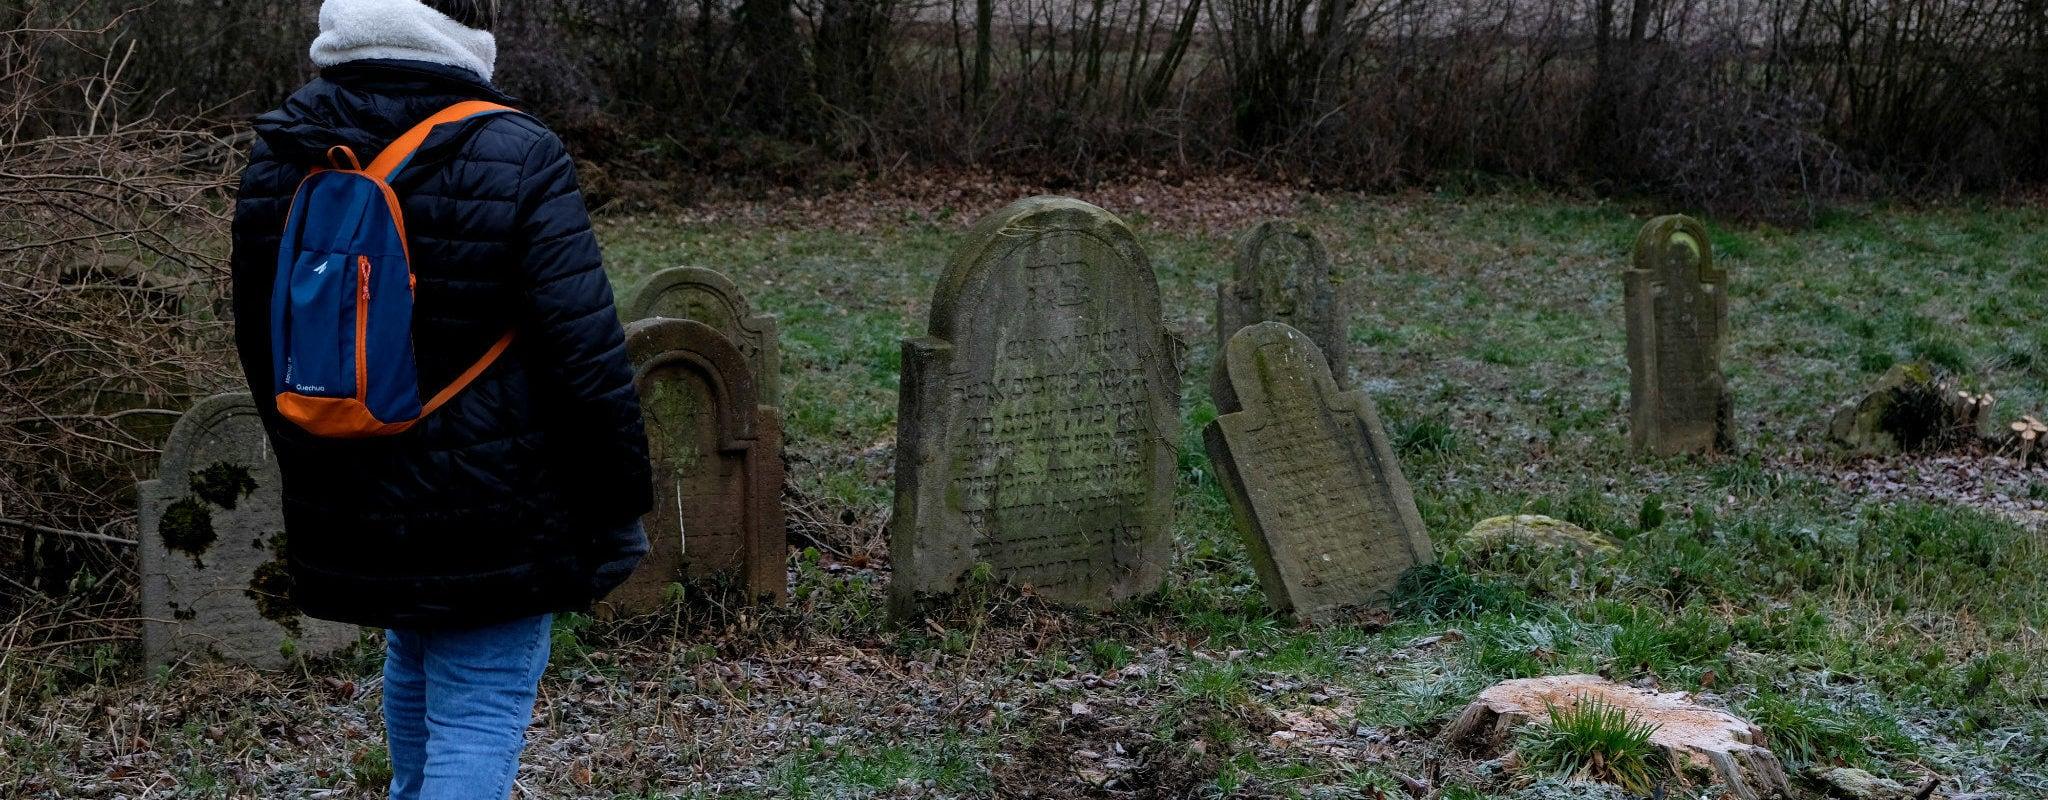 «C'est triste de devoir surveiller un cimetière»